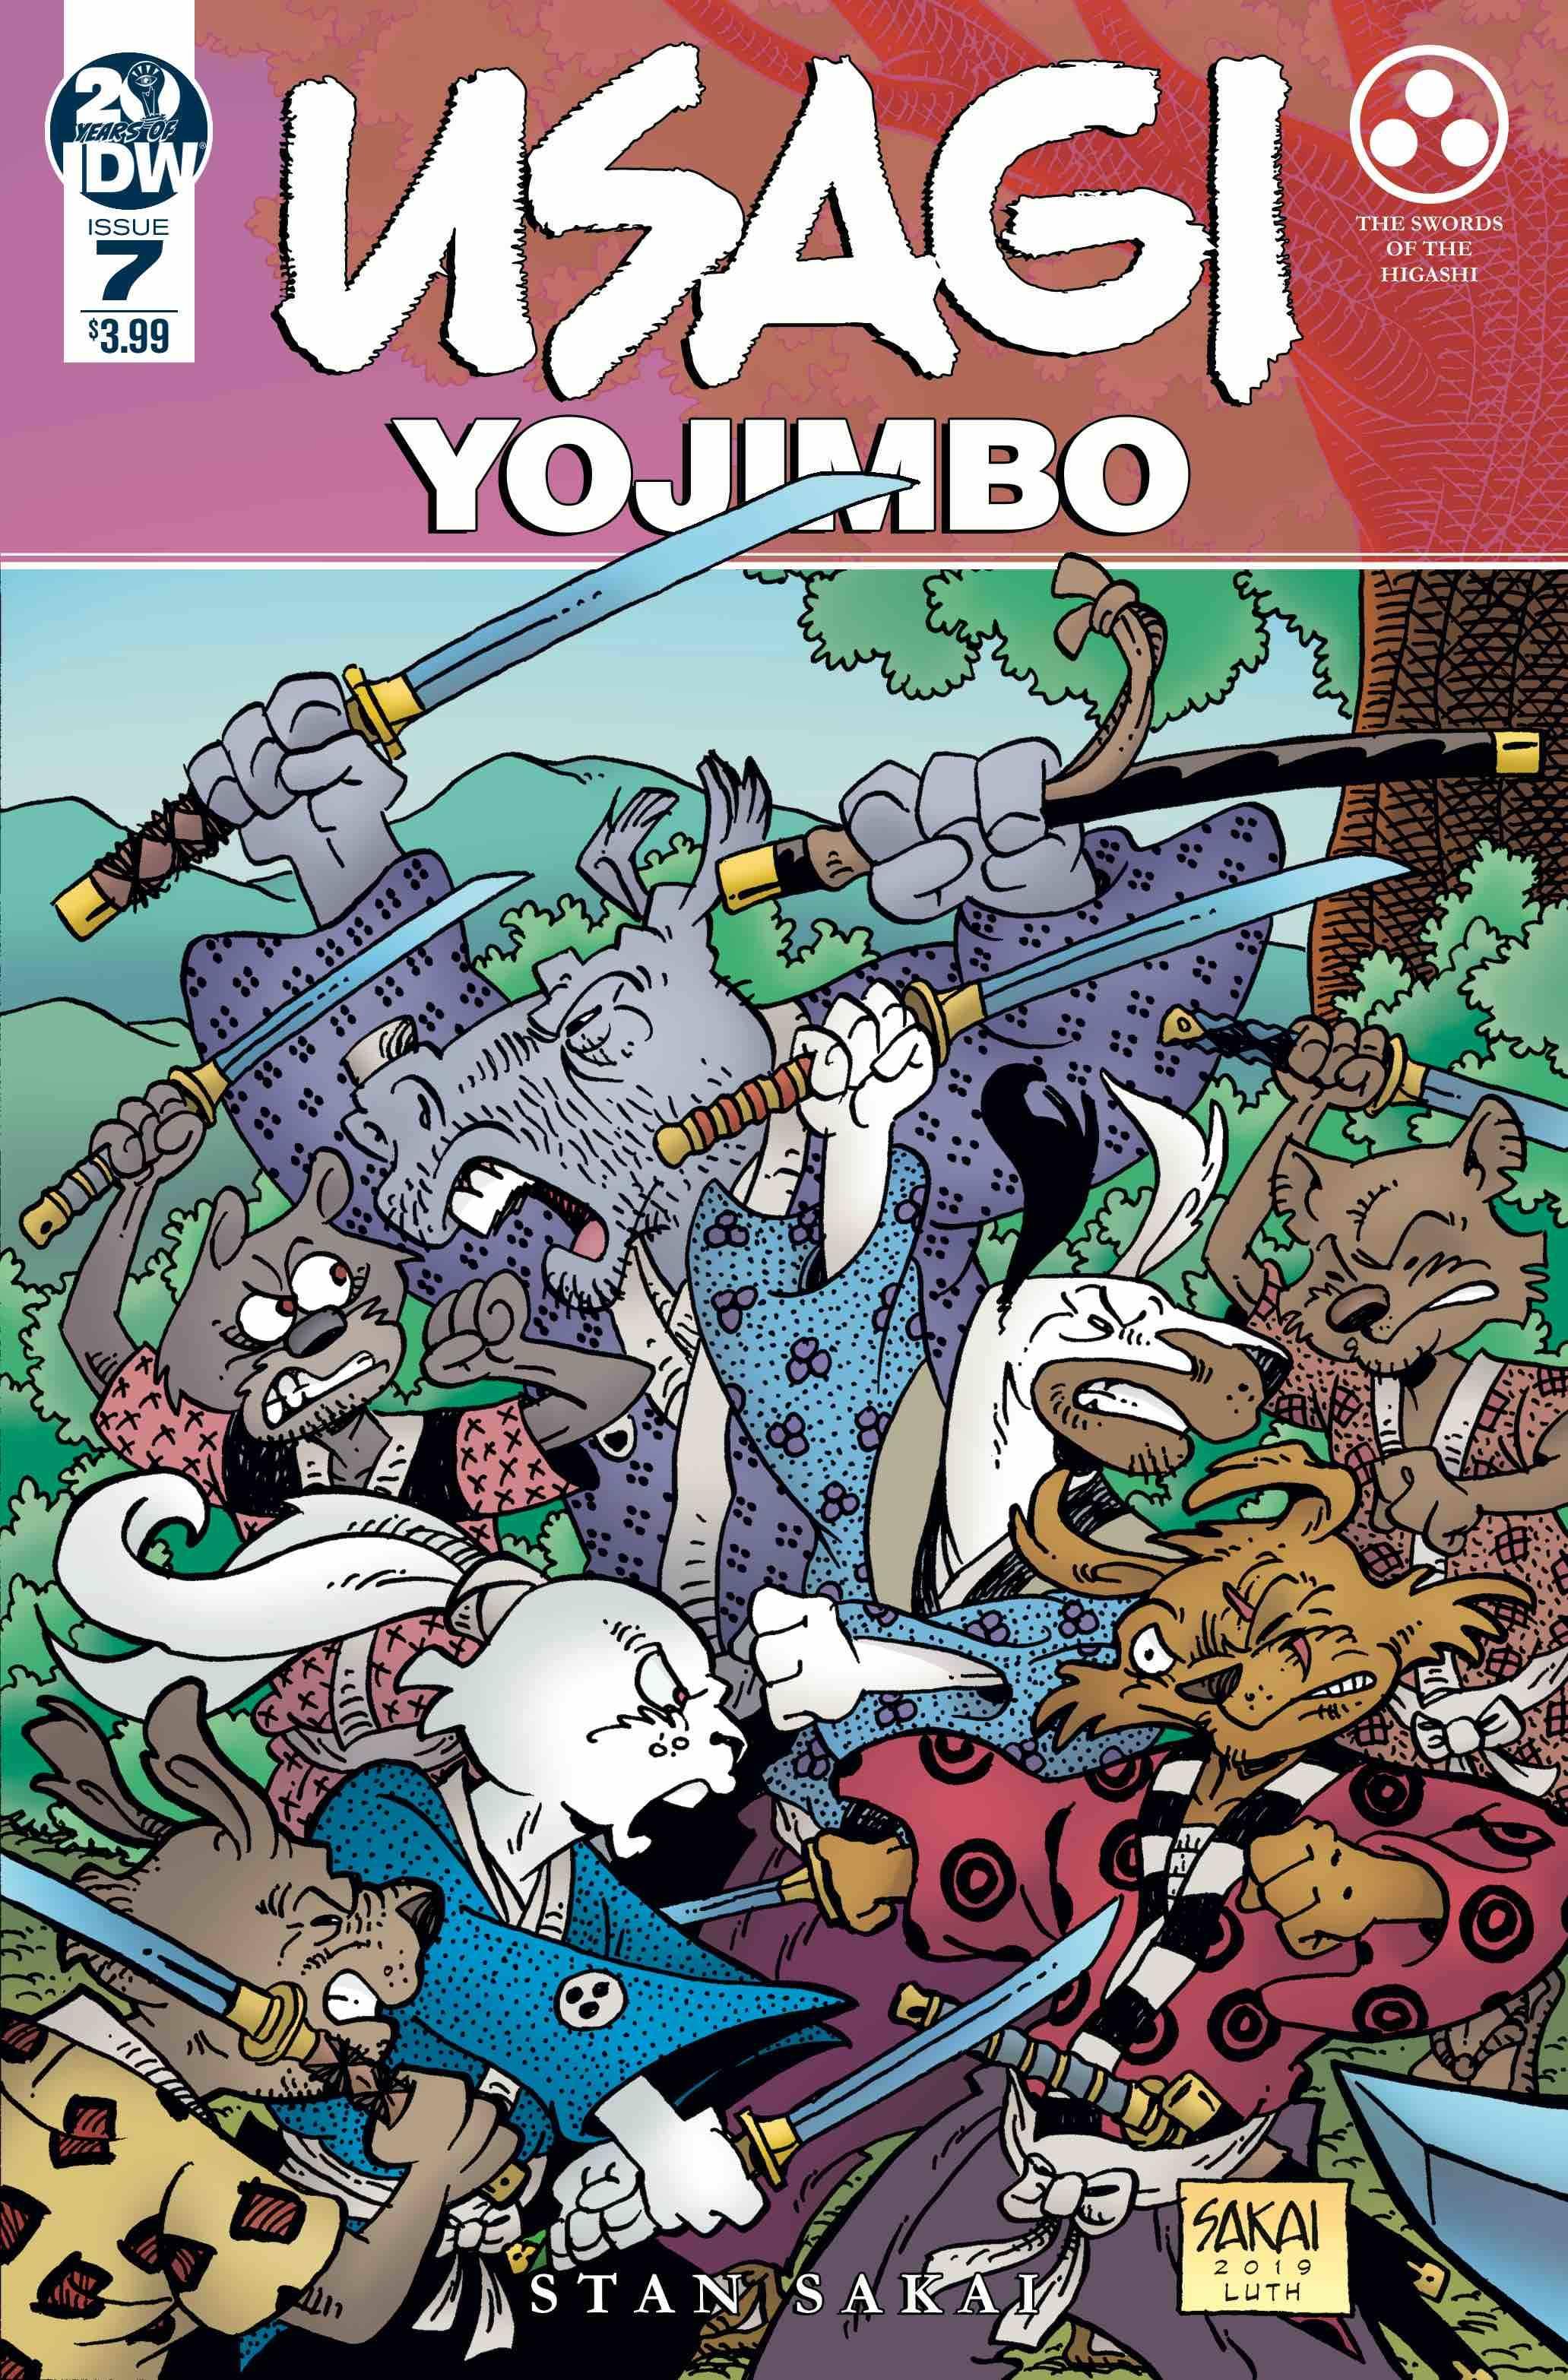 Usagi Yojimbo #7 (2019)